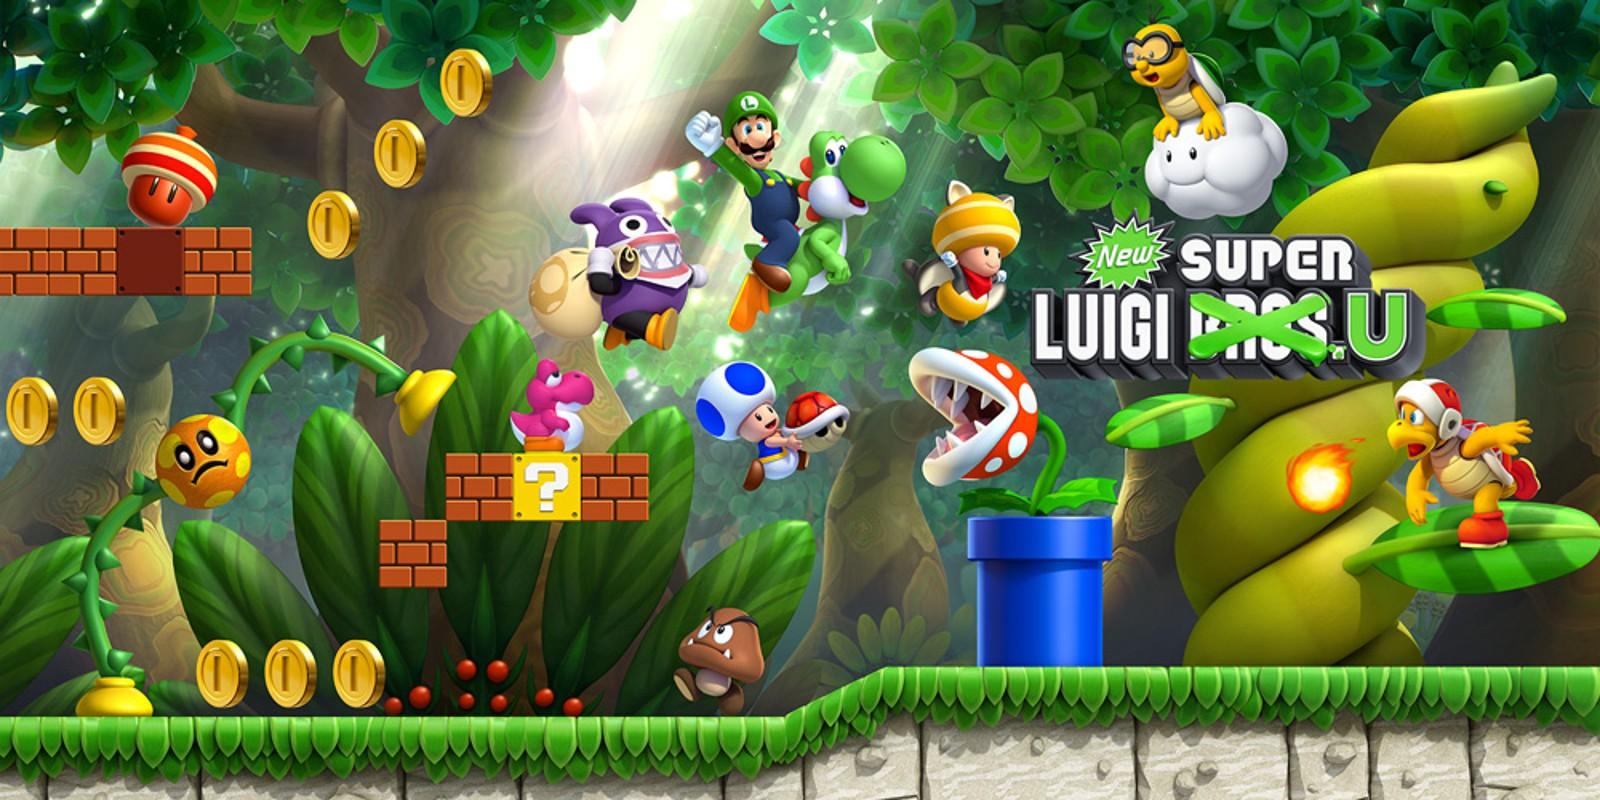 New Super Luigi U Wii U Juegos Nintendo